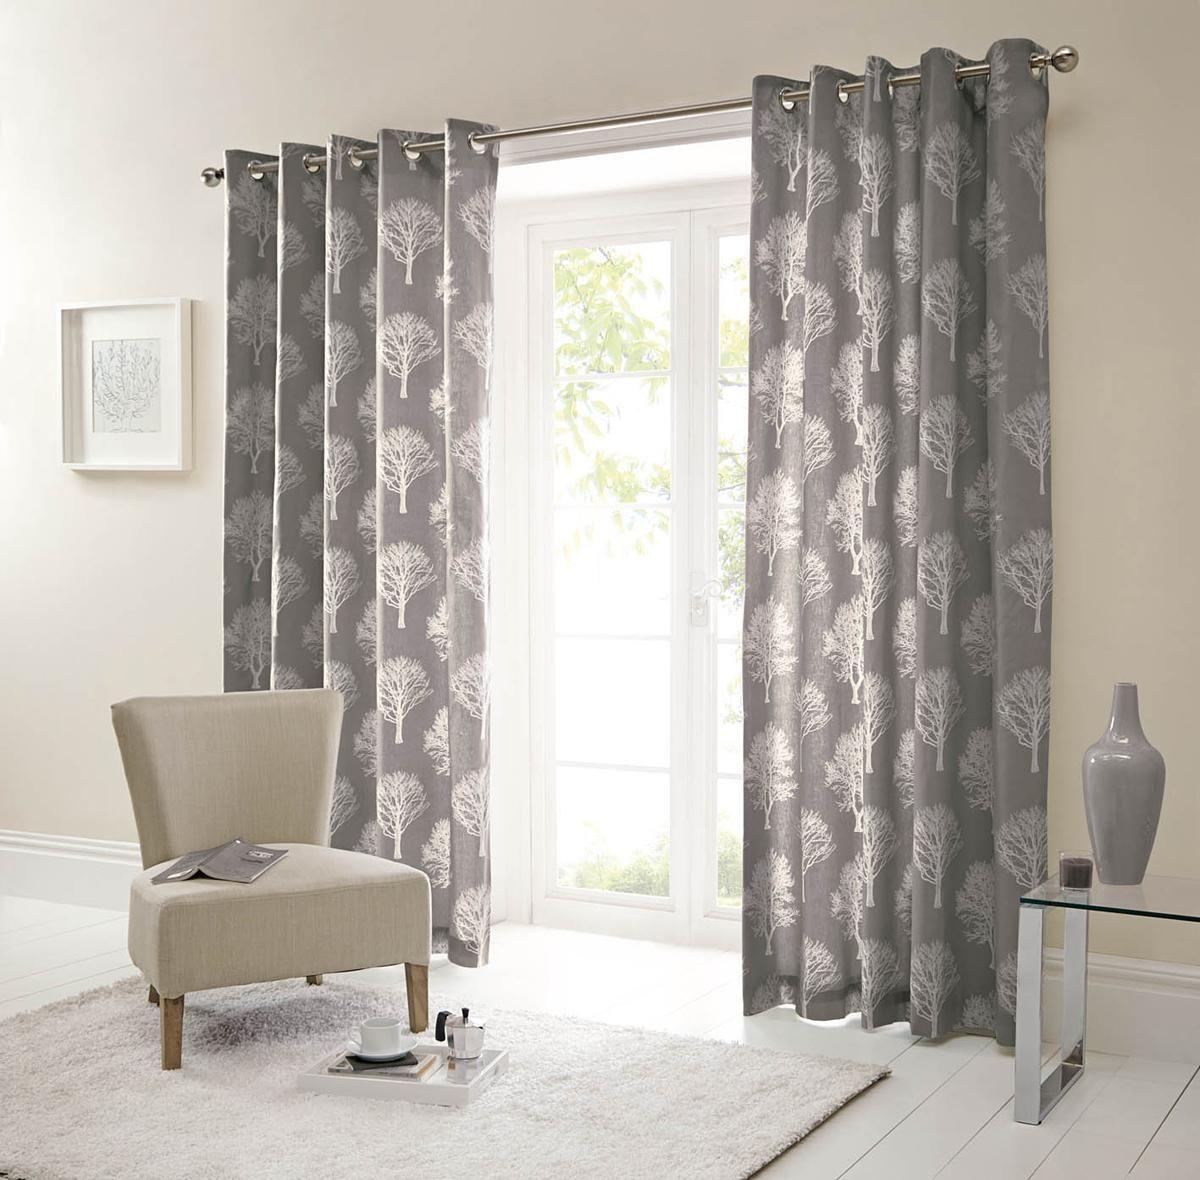 Next Grey Ready Made Curtains Curtain Menzilperde Net